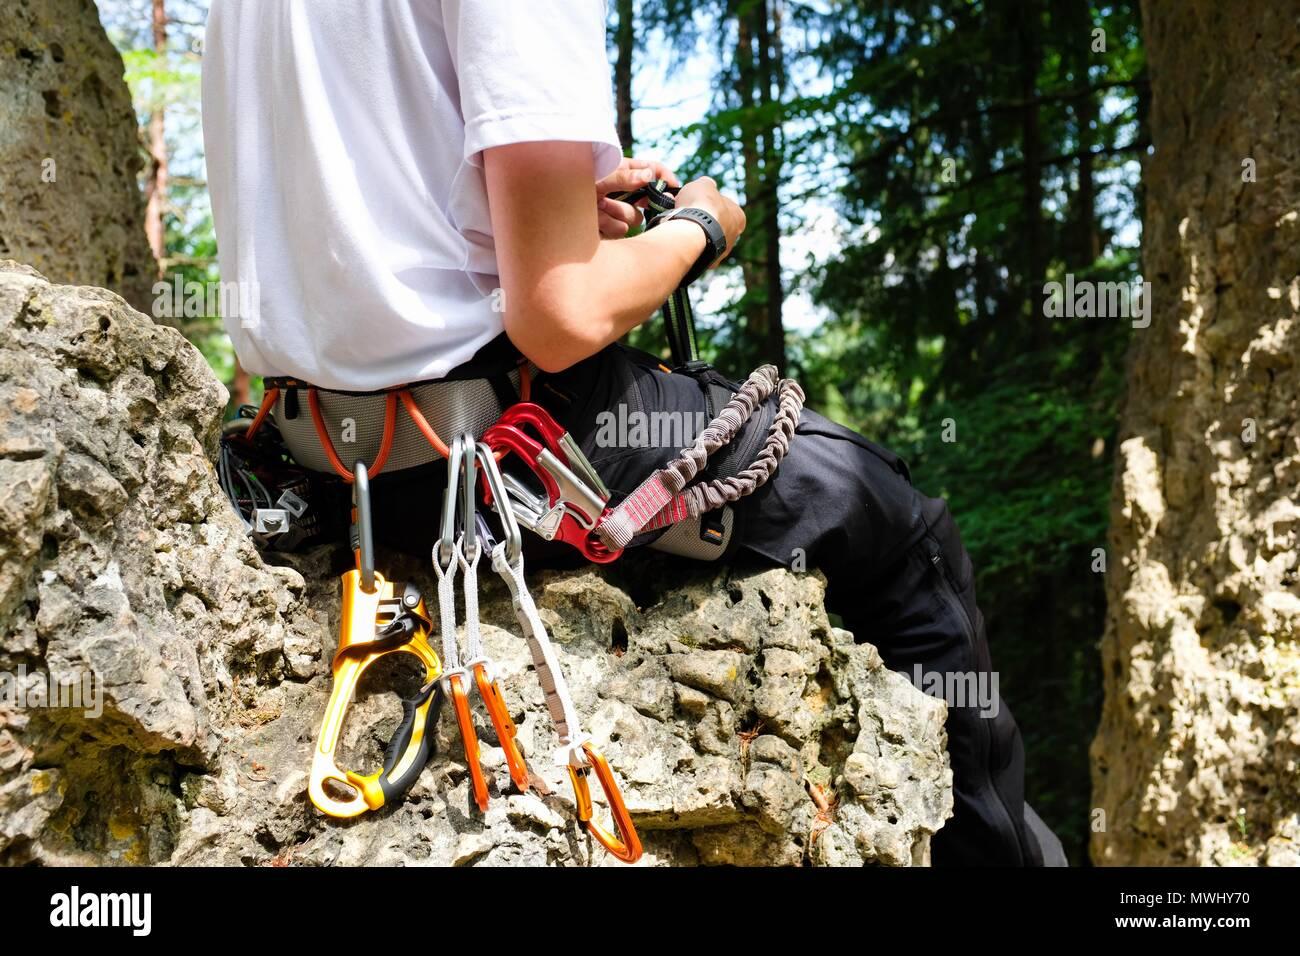 Kletterausrüstung Für Bäume : Mann mit kletterausrüstung und ausstattung auf einem felsen